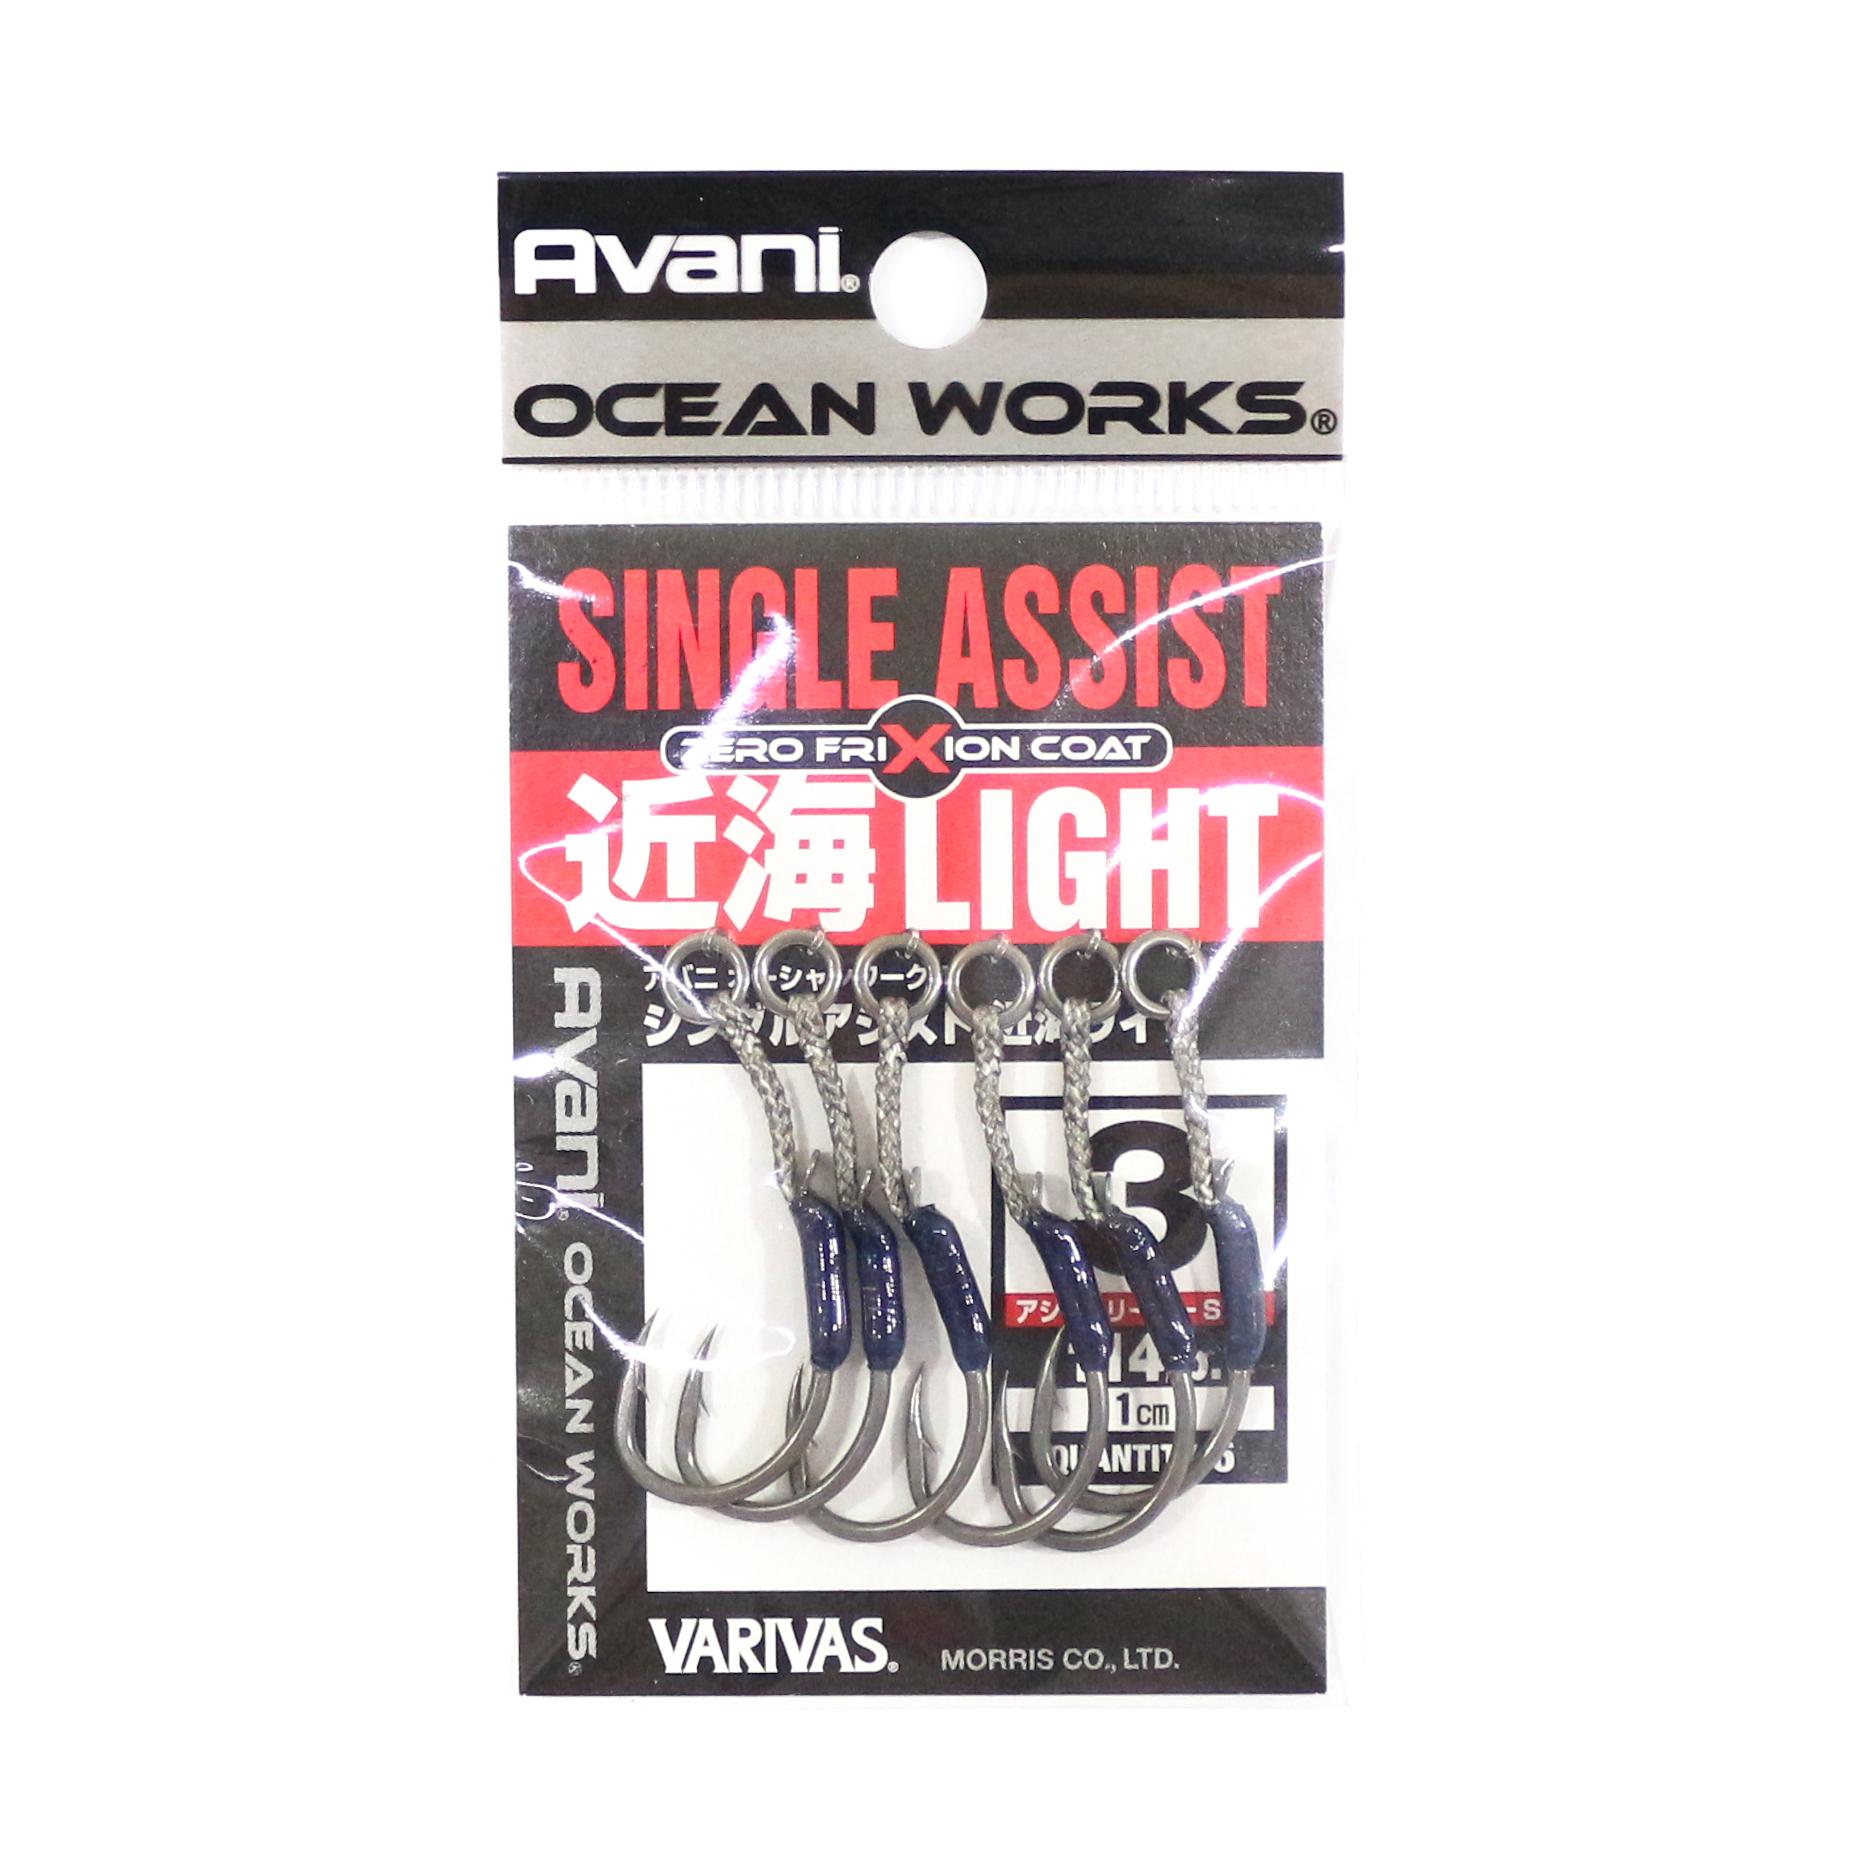 Varivas AH-38 Ocean Works Single Assist Kinkai Light Hook Size 3 (4315)